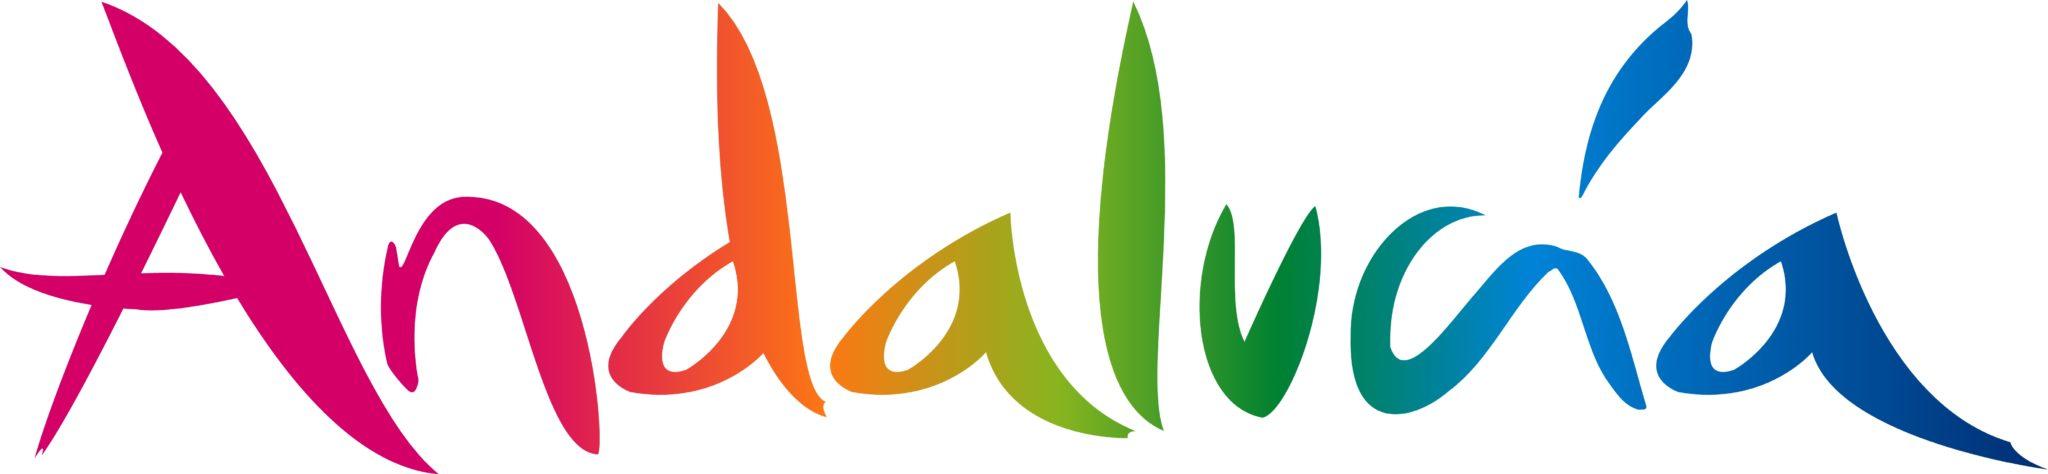 ANDALUCIA - Ente turismo - colleborazione